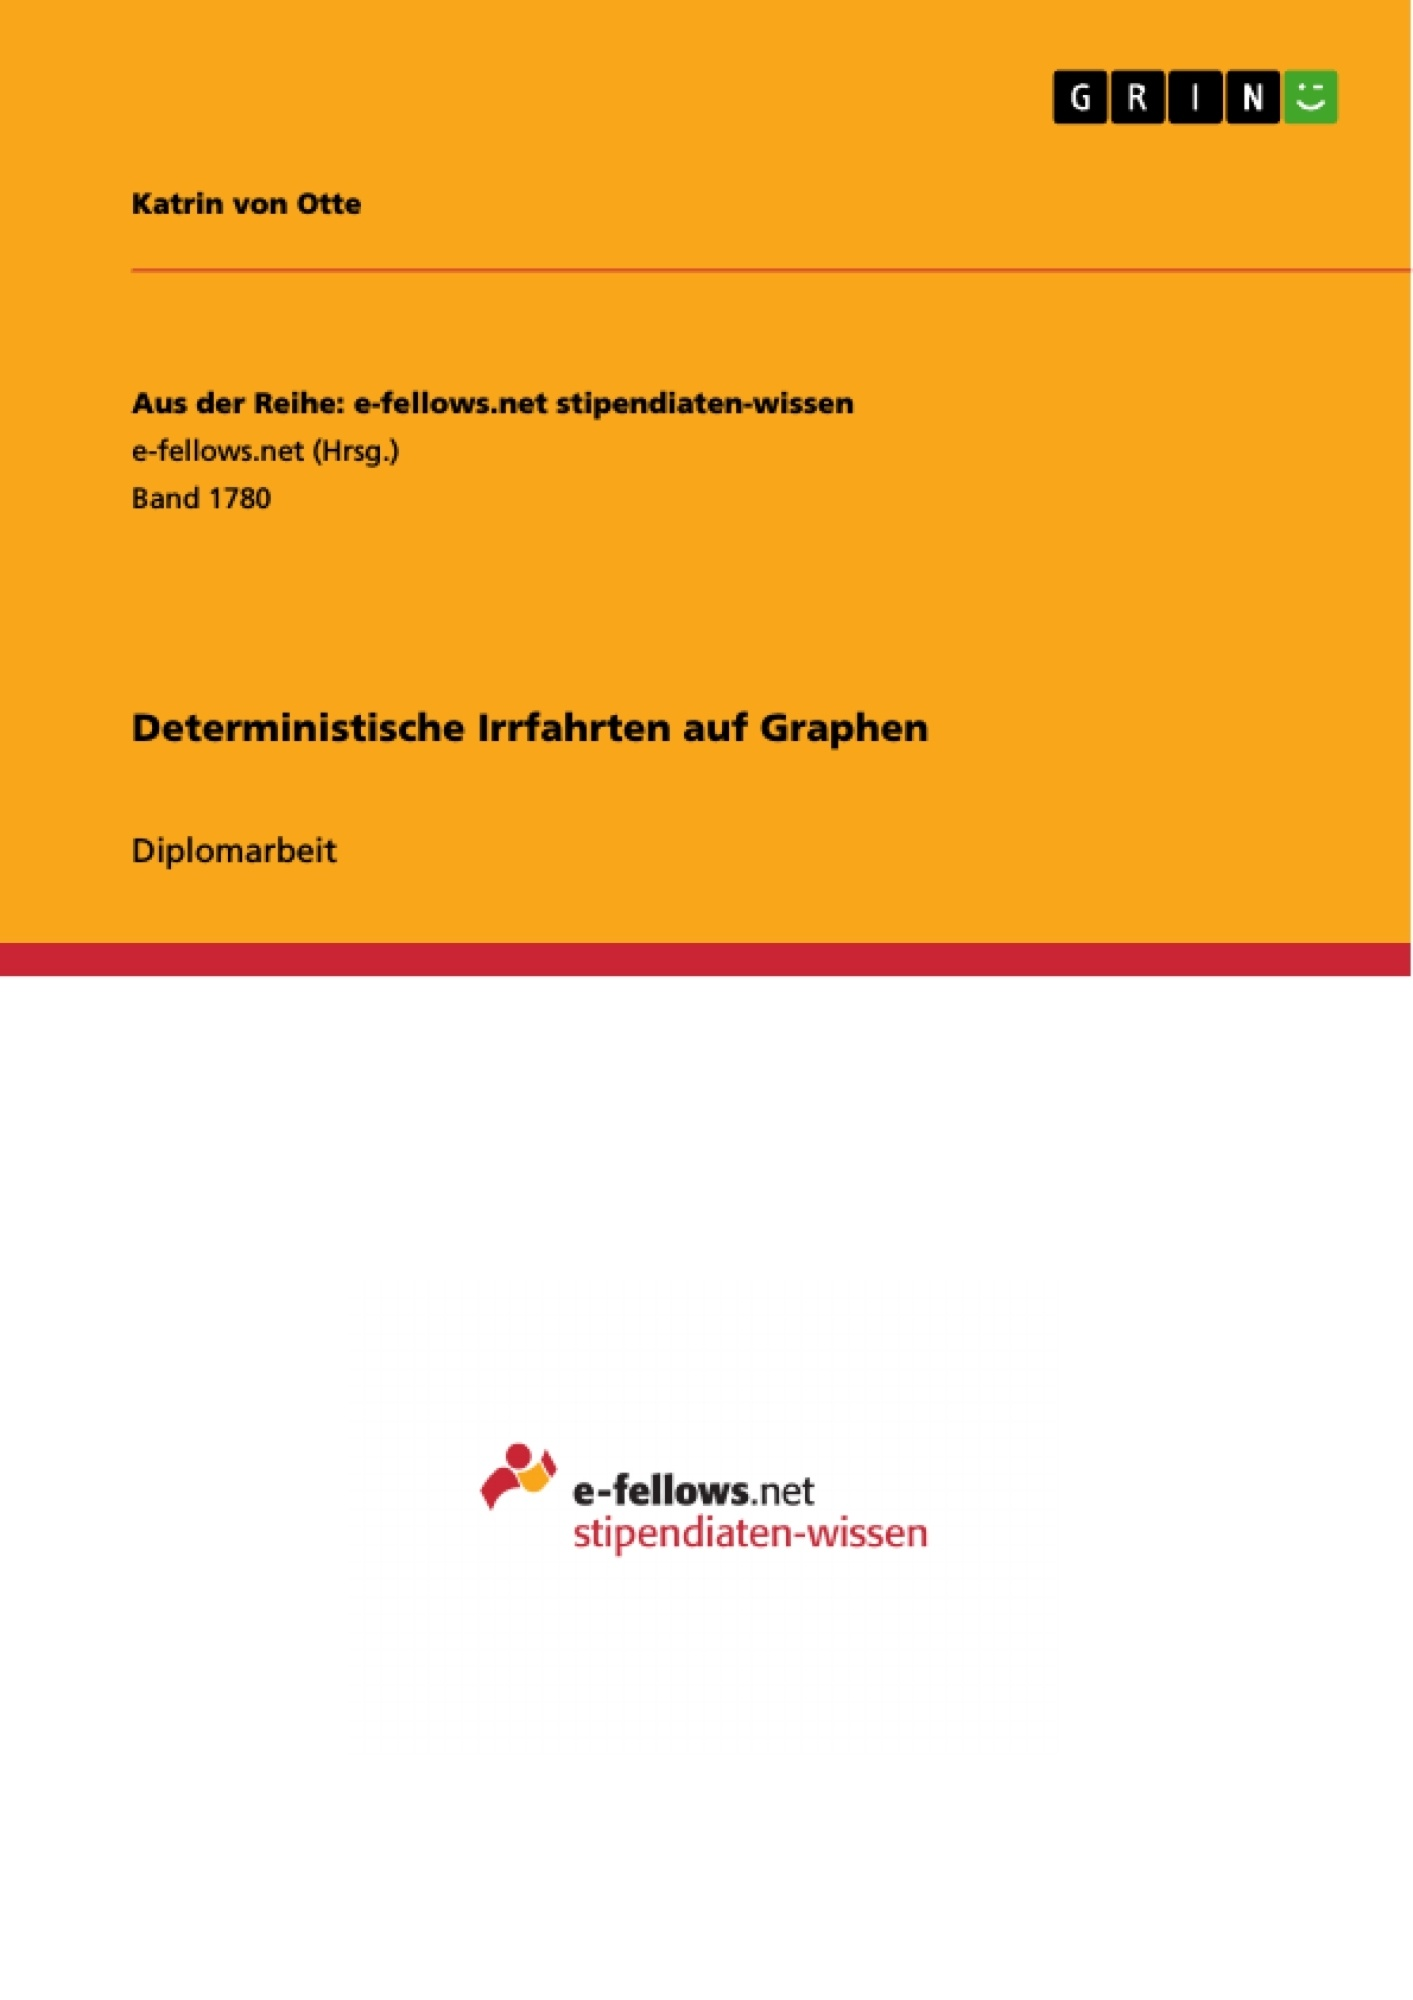 Titel: Deterministische Irrfahrten auf Graphen